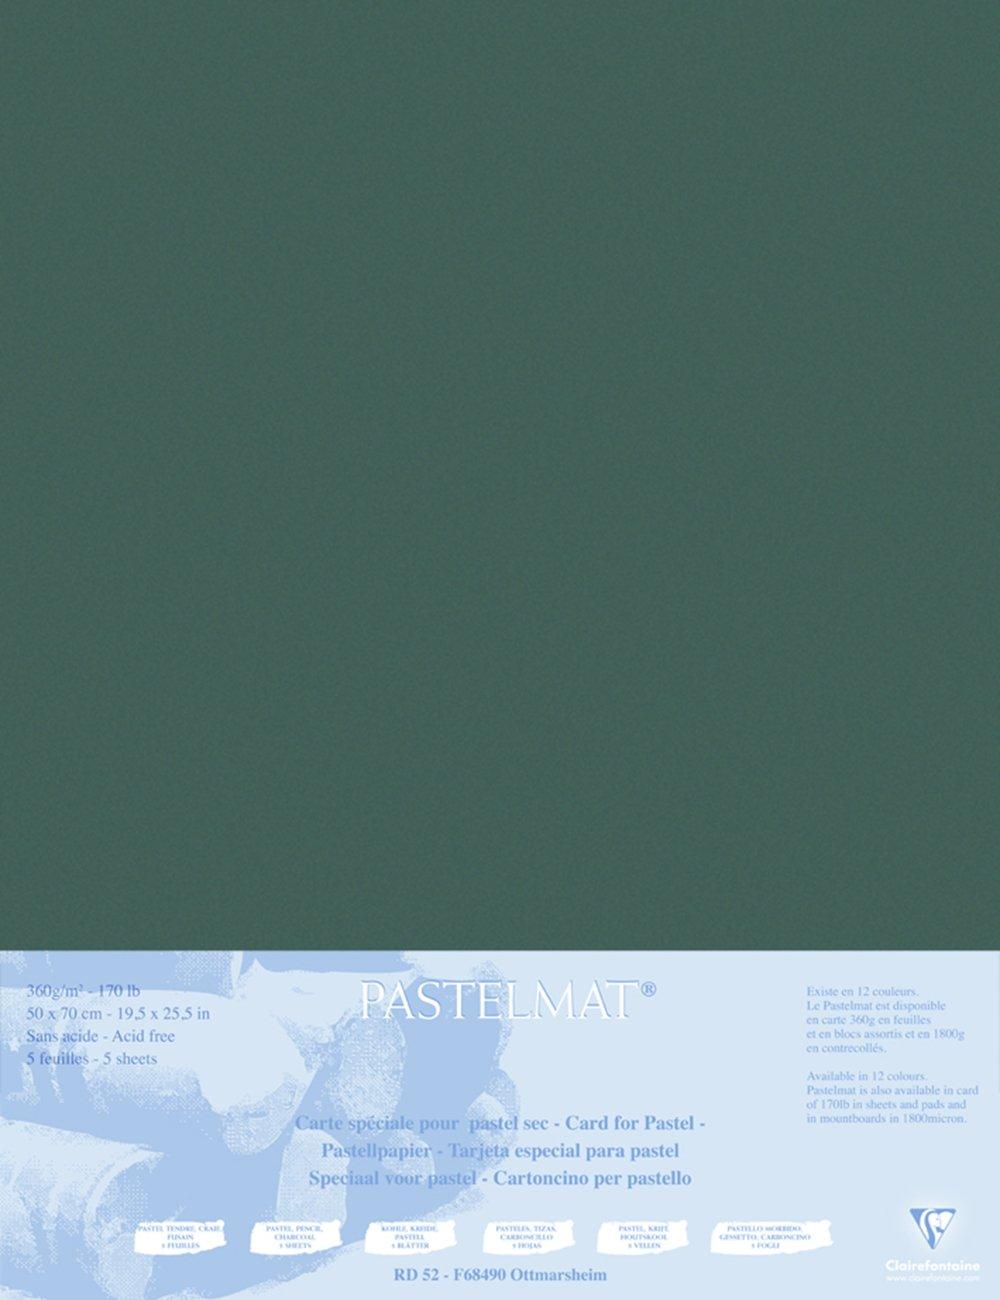 Clairefontaine 96011C Packung (mit 5 Zeichenbögen Pastelmat, 50 x 70 cm, 360 g, ideal für Trockentechniken und Pastell) braun B017NEFIIY   Zu einem niedrigeren Preis